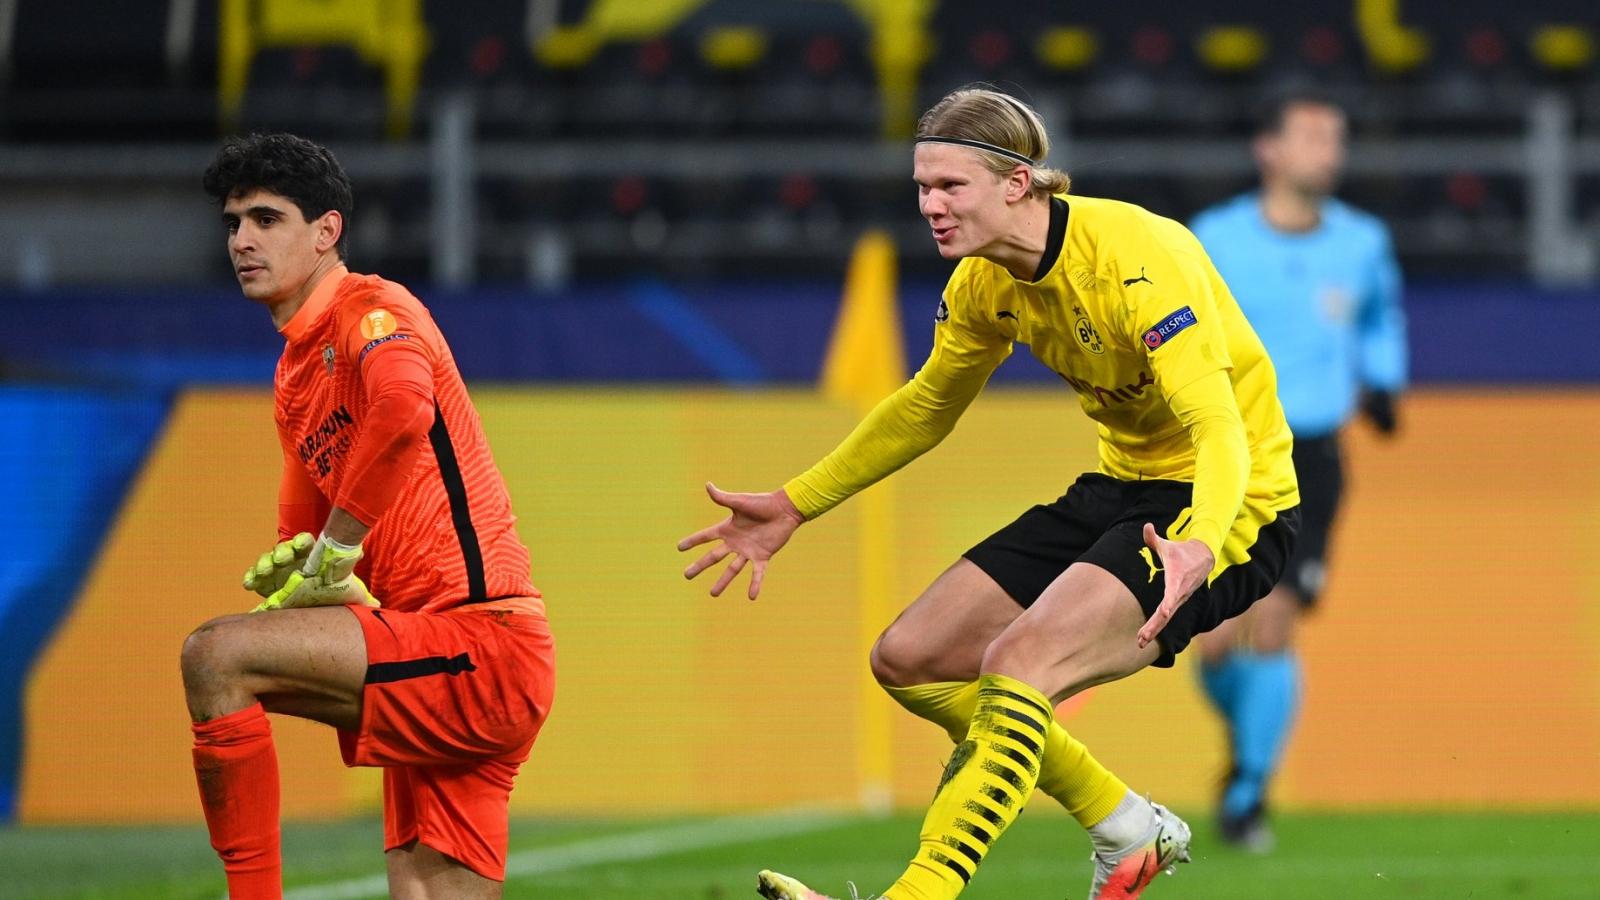 """Haaland trêu ngươi đối thủ sau tình huống VAR """"hại não"""" nhất lịch sử Champions League"""